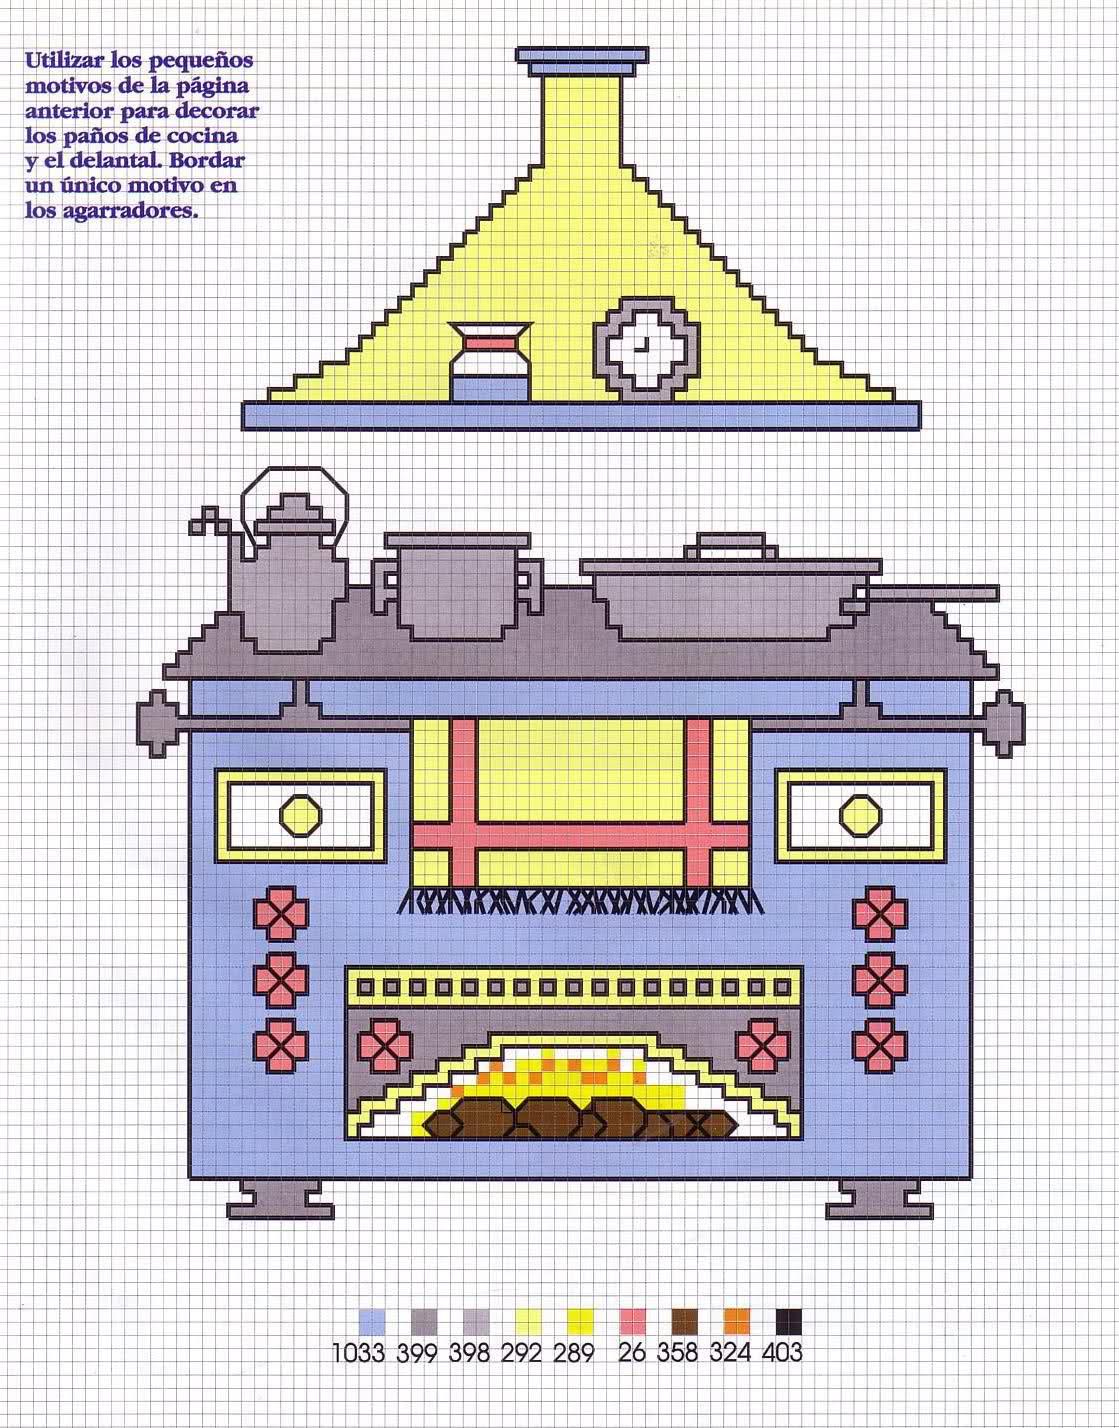 Utensilios cocina en punto de cruz gratis punto de cruz - Punto de cruz cocina ...